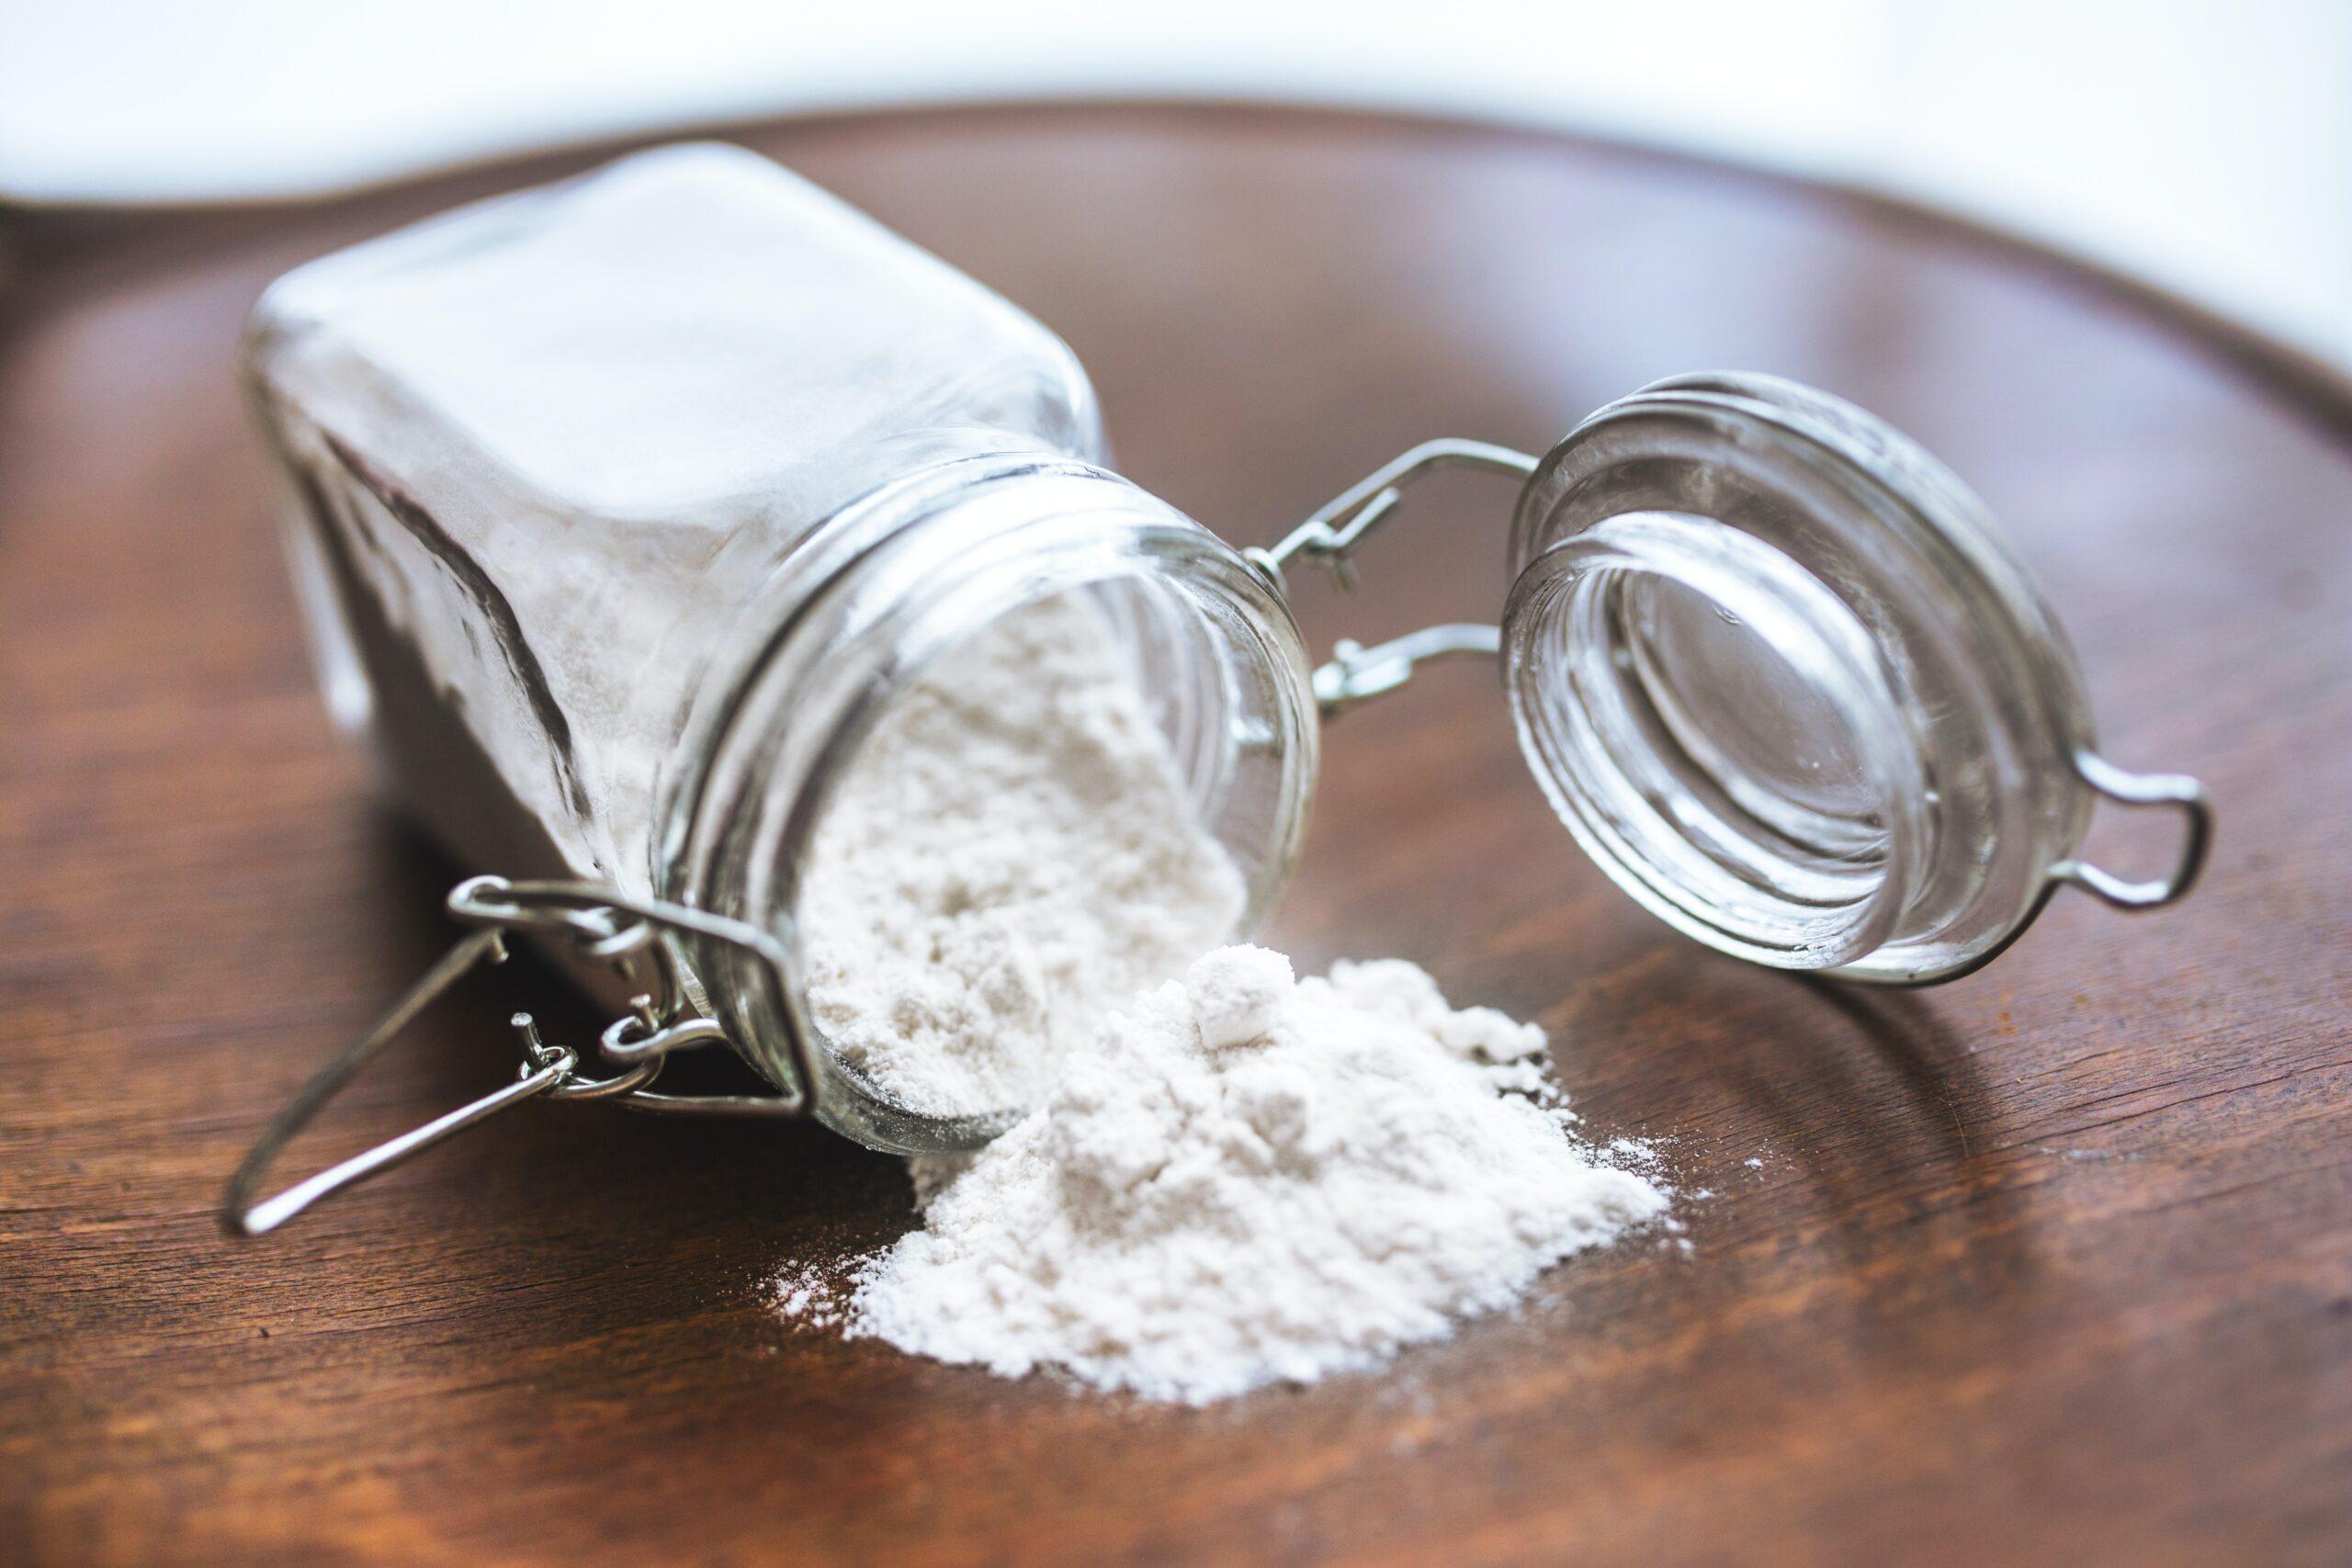 Vijf dingen die je met baking soda kunt doen